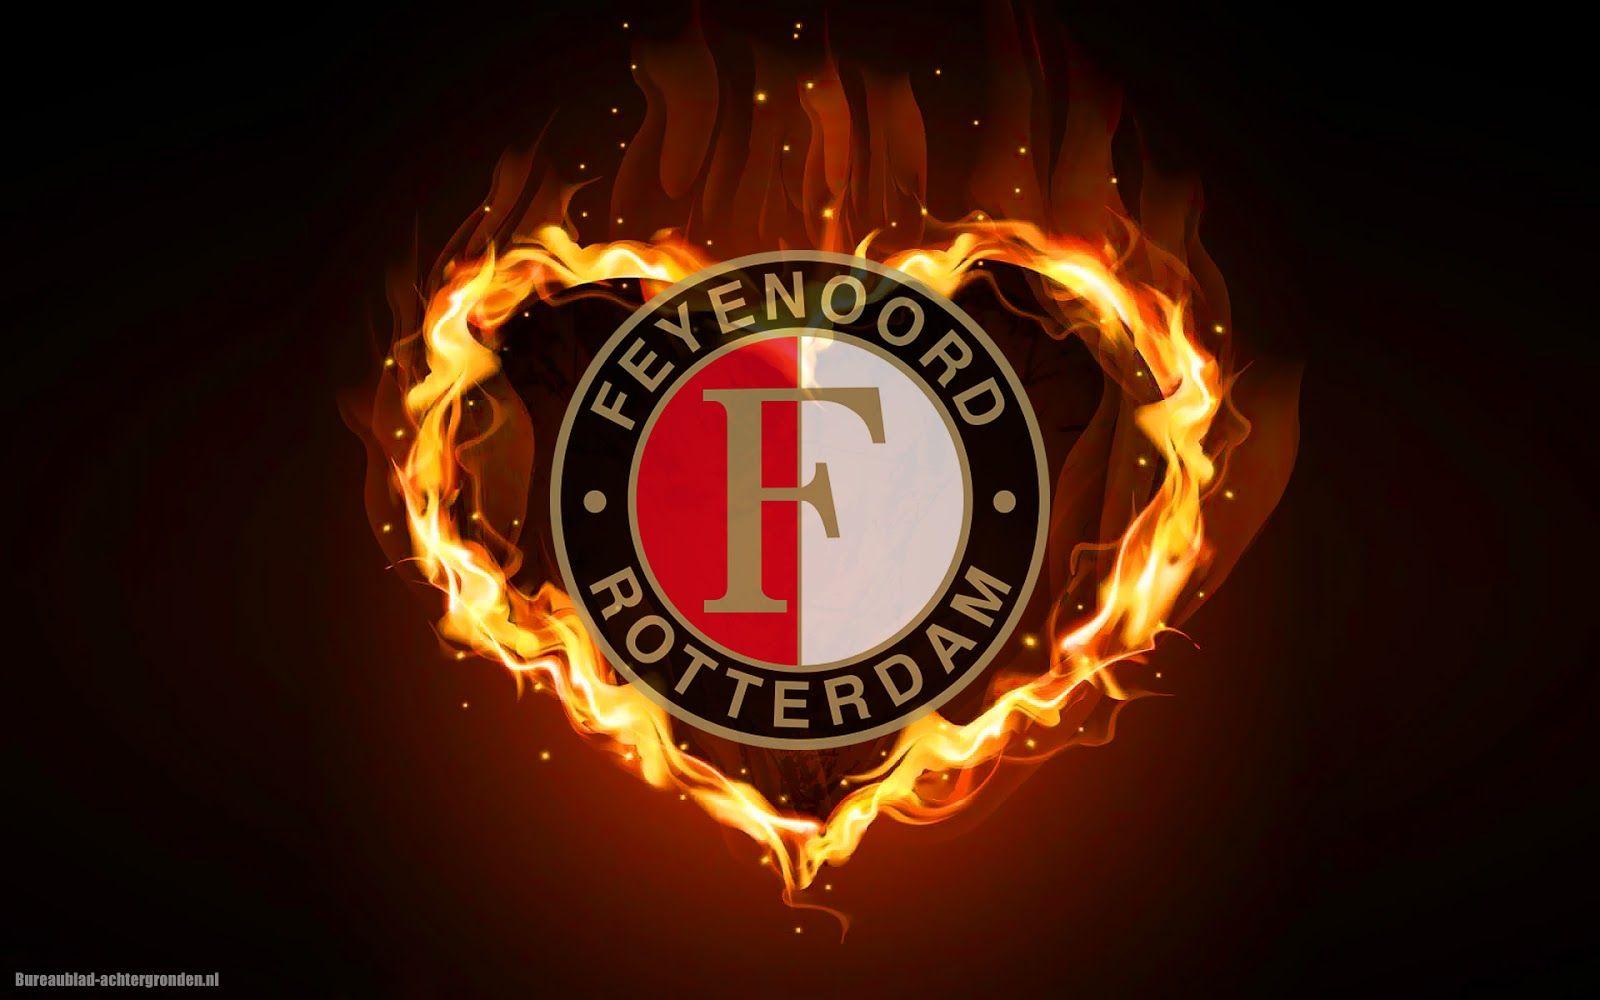 Afbeeldingsresultaat voor feyenoord rotterdam logo vuur